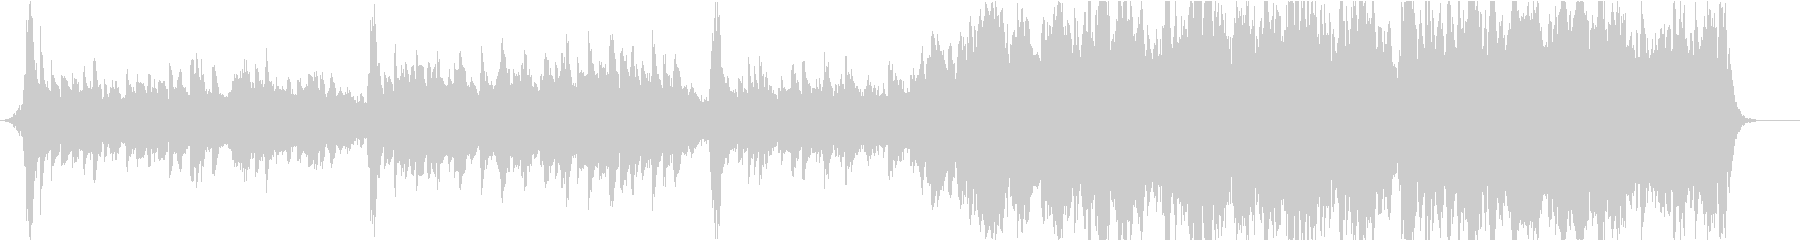 現代の交響曲 感情的 バラード 心...の未再生の波形